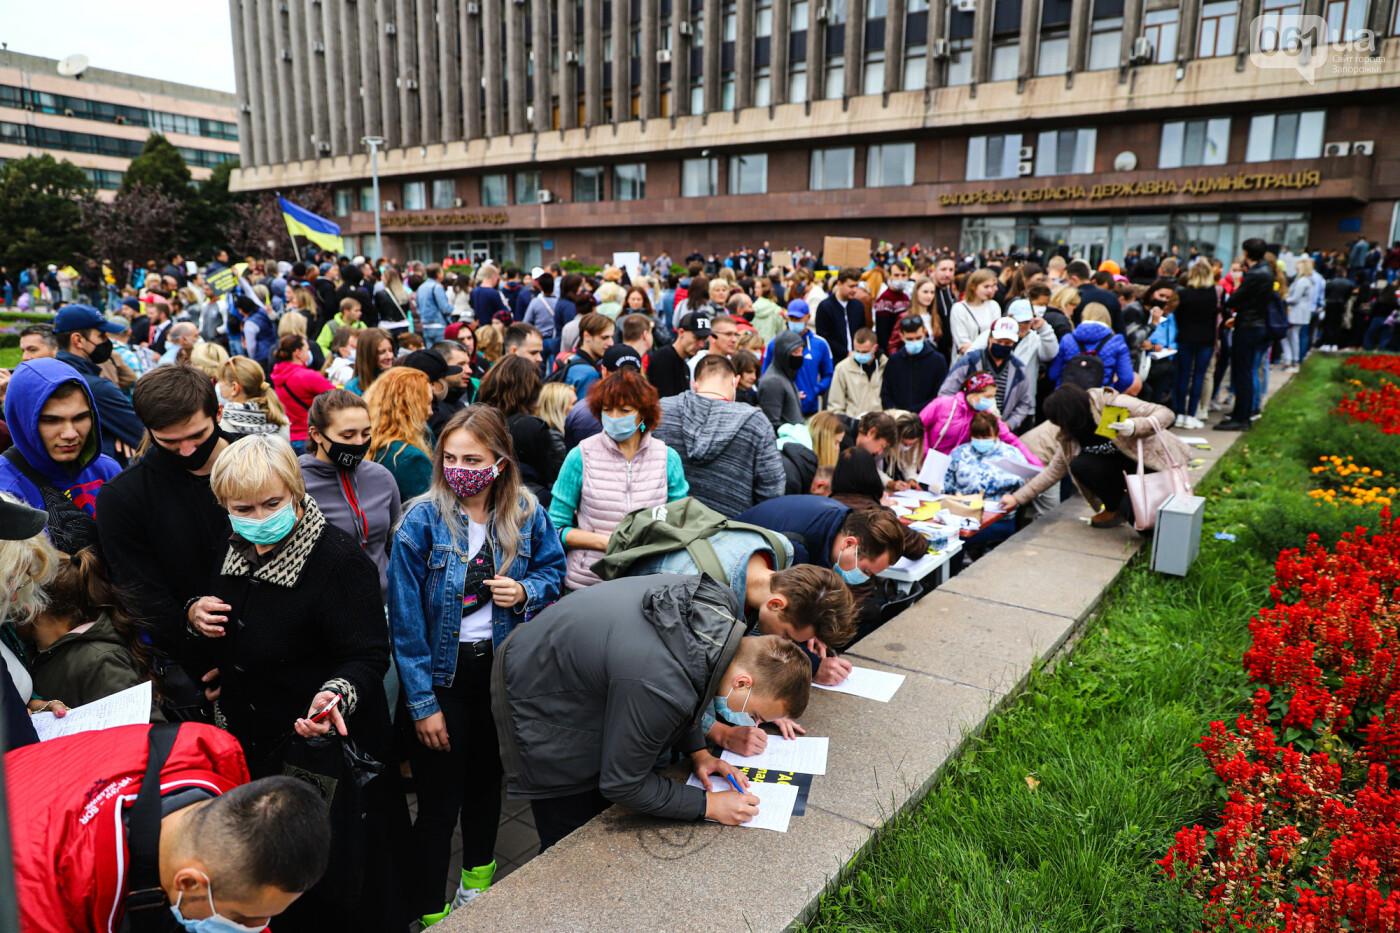 Маю право дихати: тысячи запорожцев вышли на экологический митинг, ФОТО, ВИДЕО, фото-14